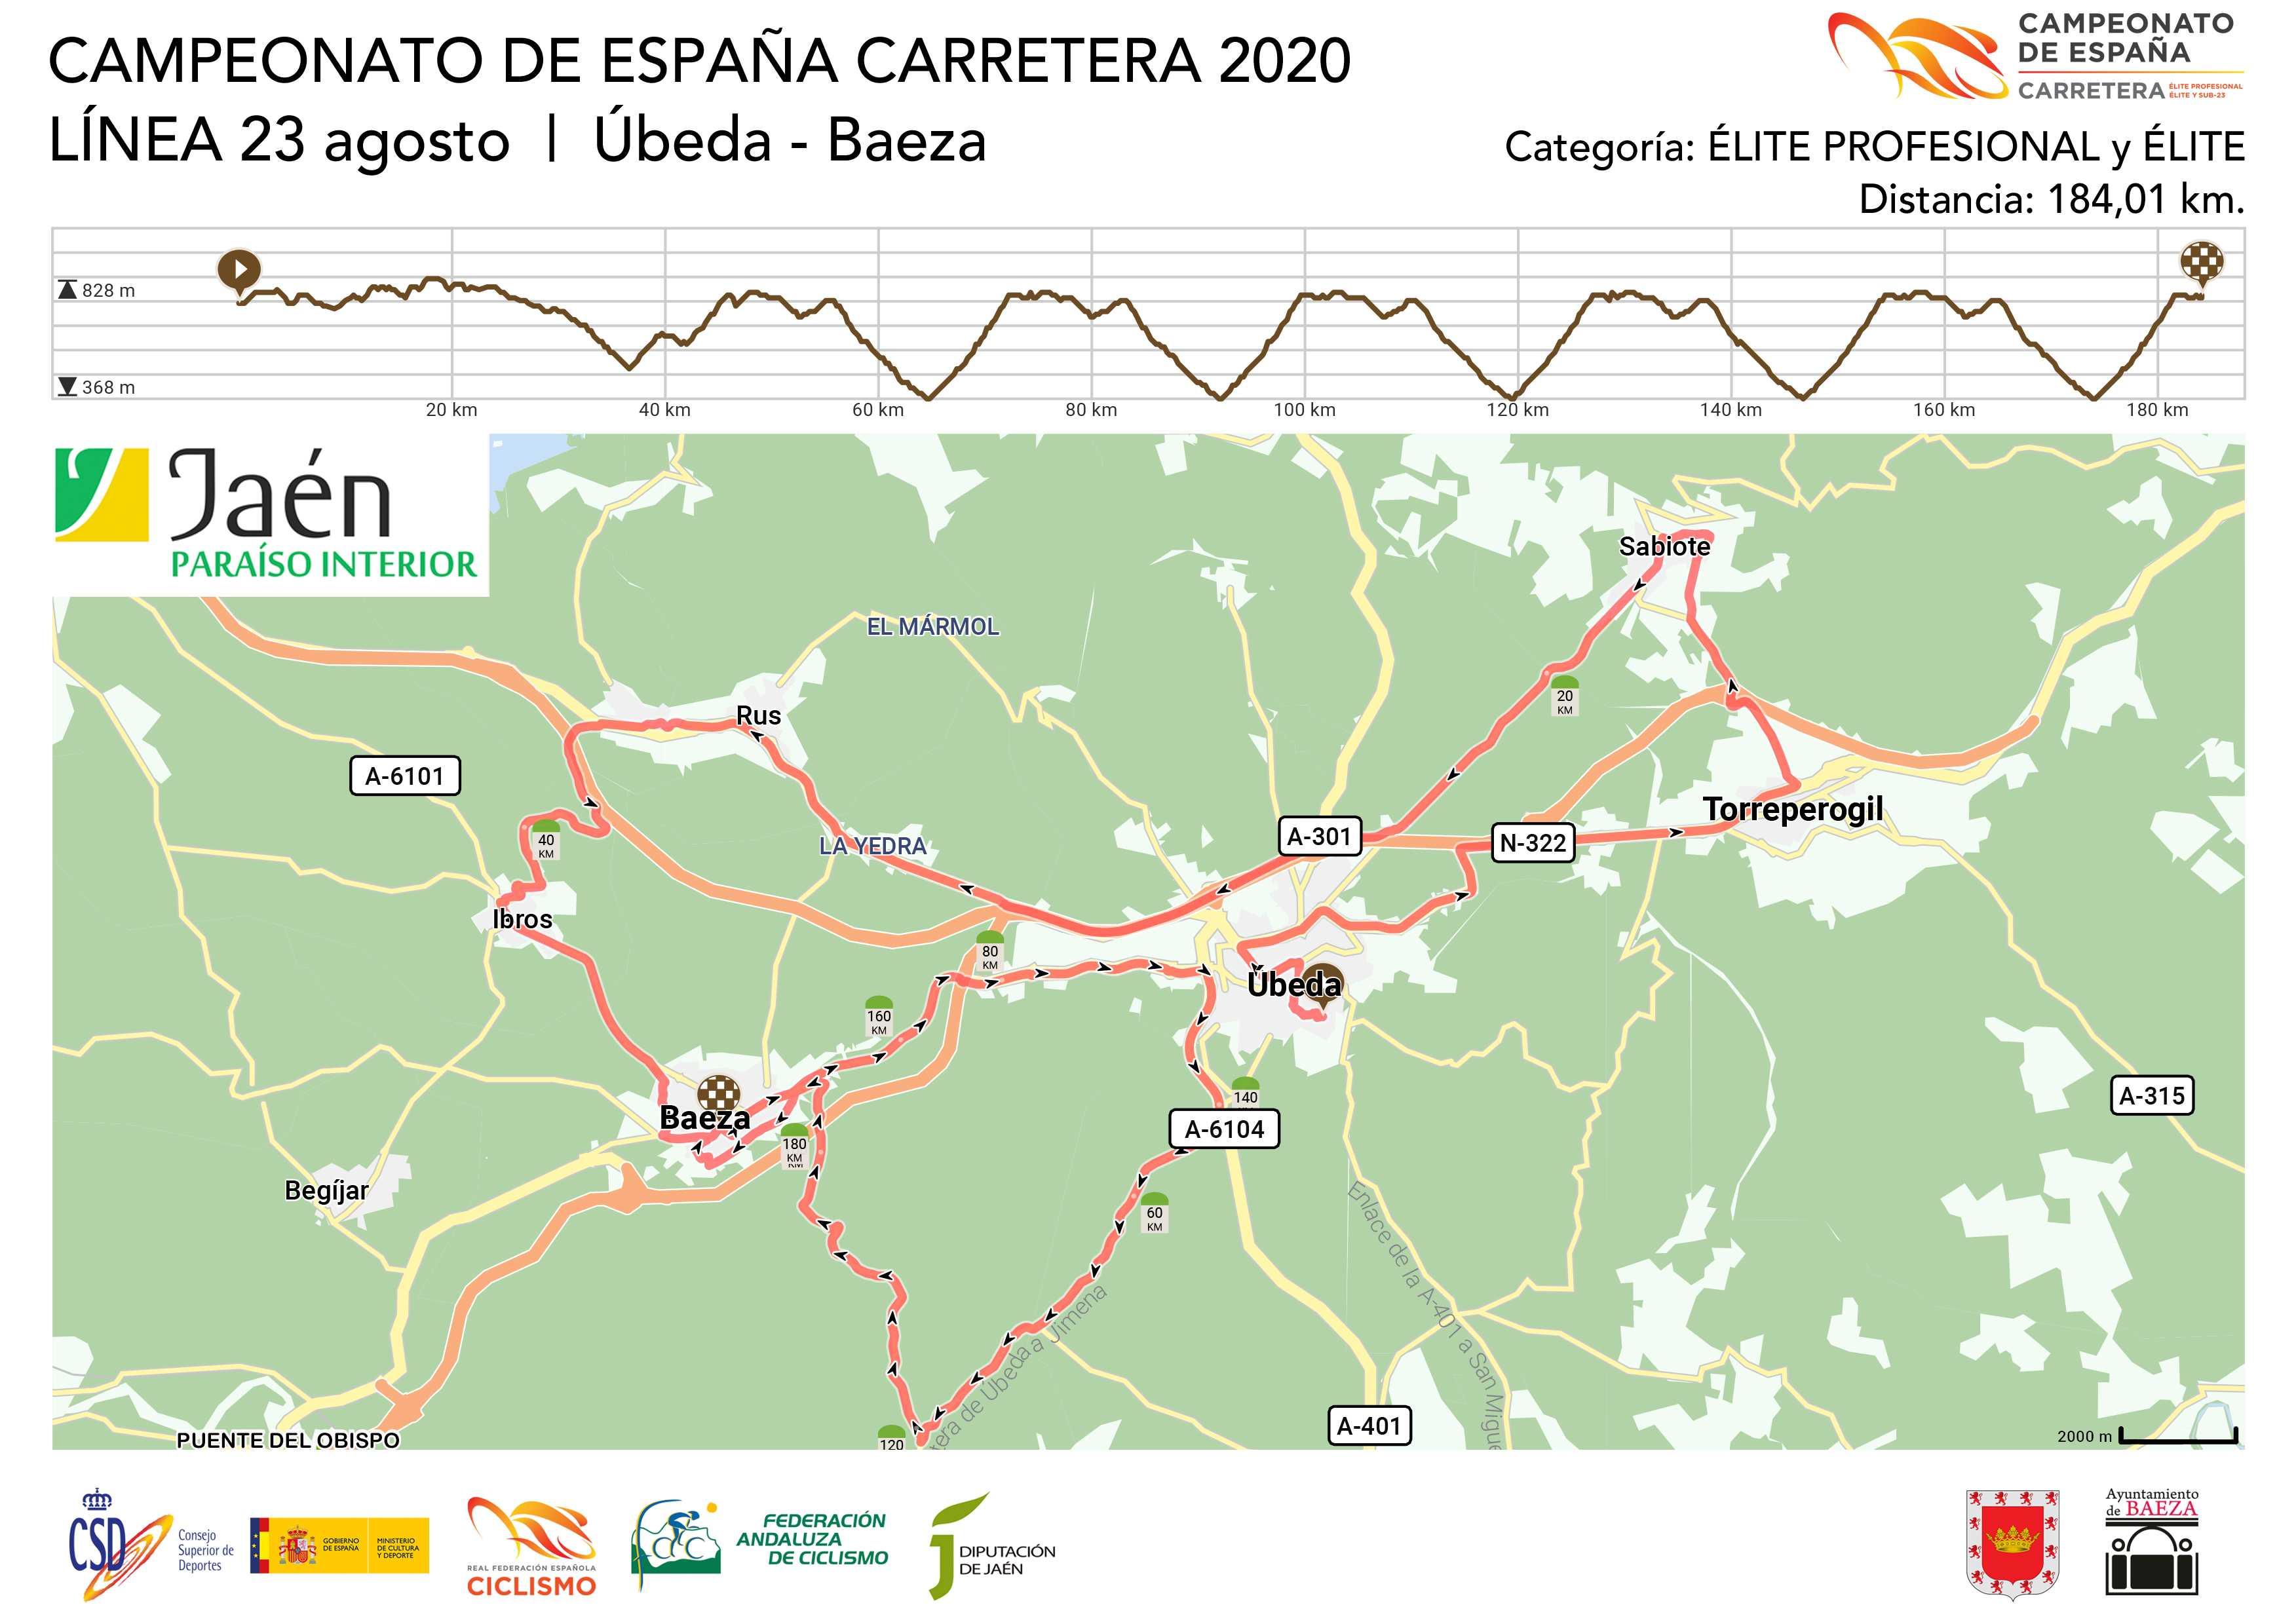 Presentadas las sedes y los recorridos del Campeonato de España de Carretera de Jaén 2020